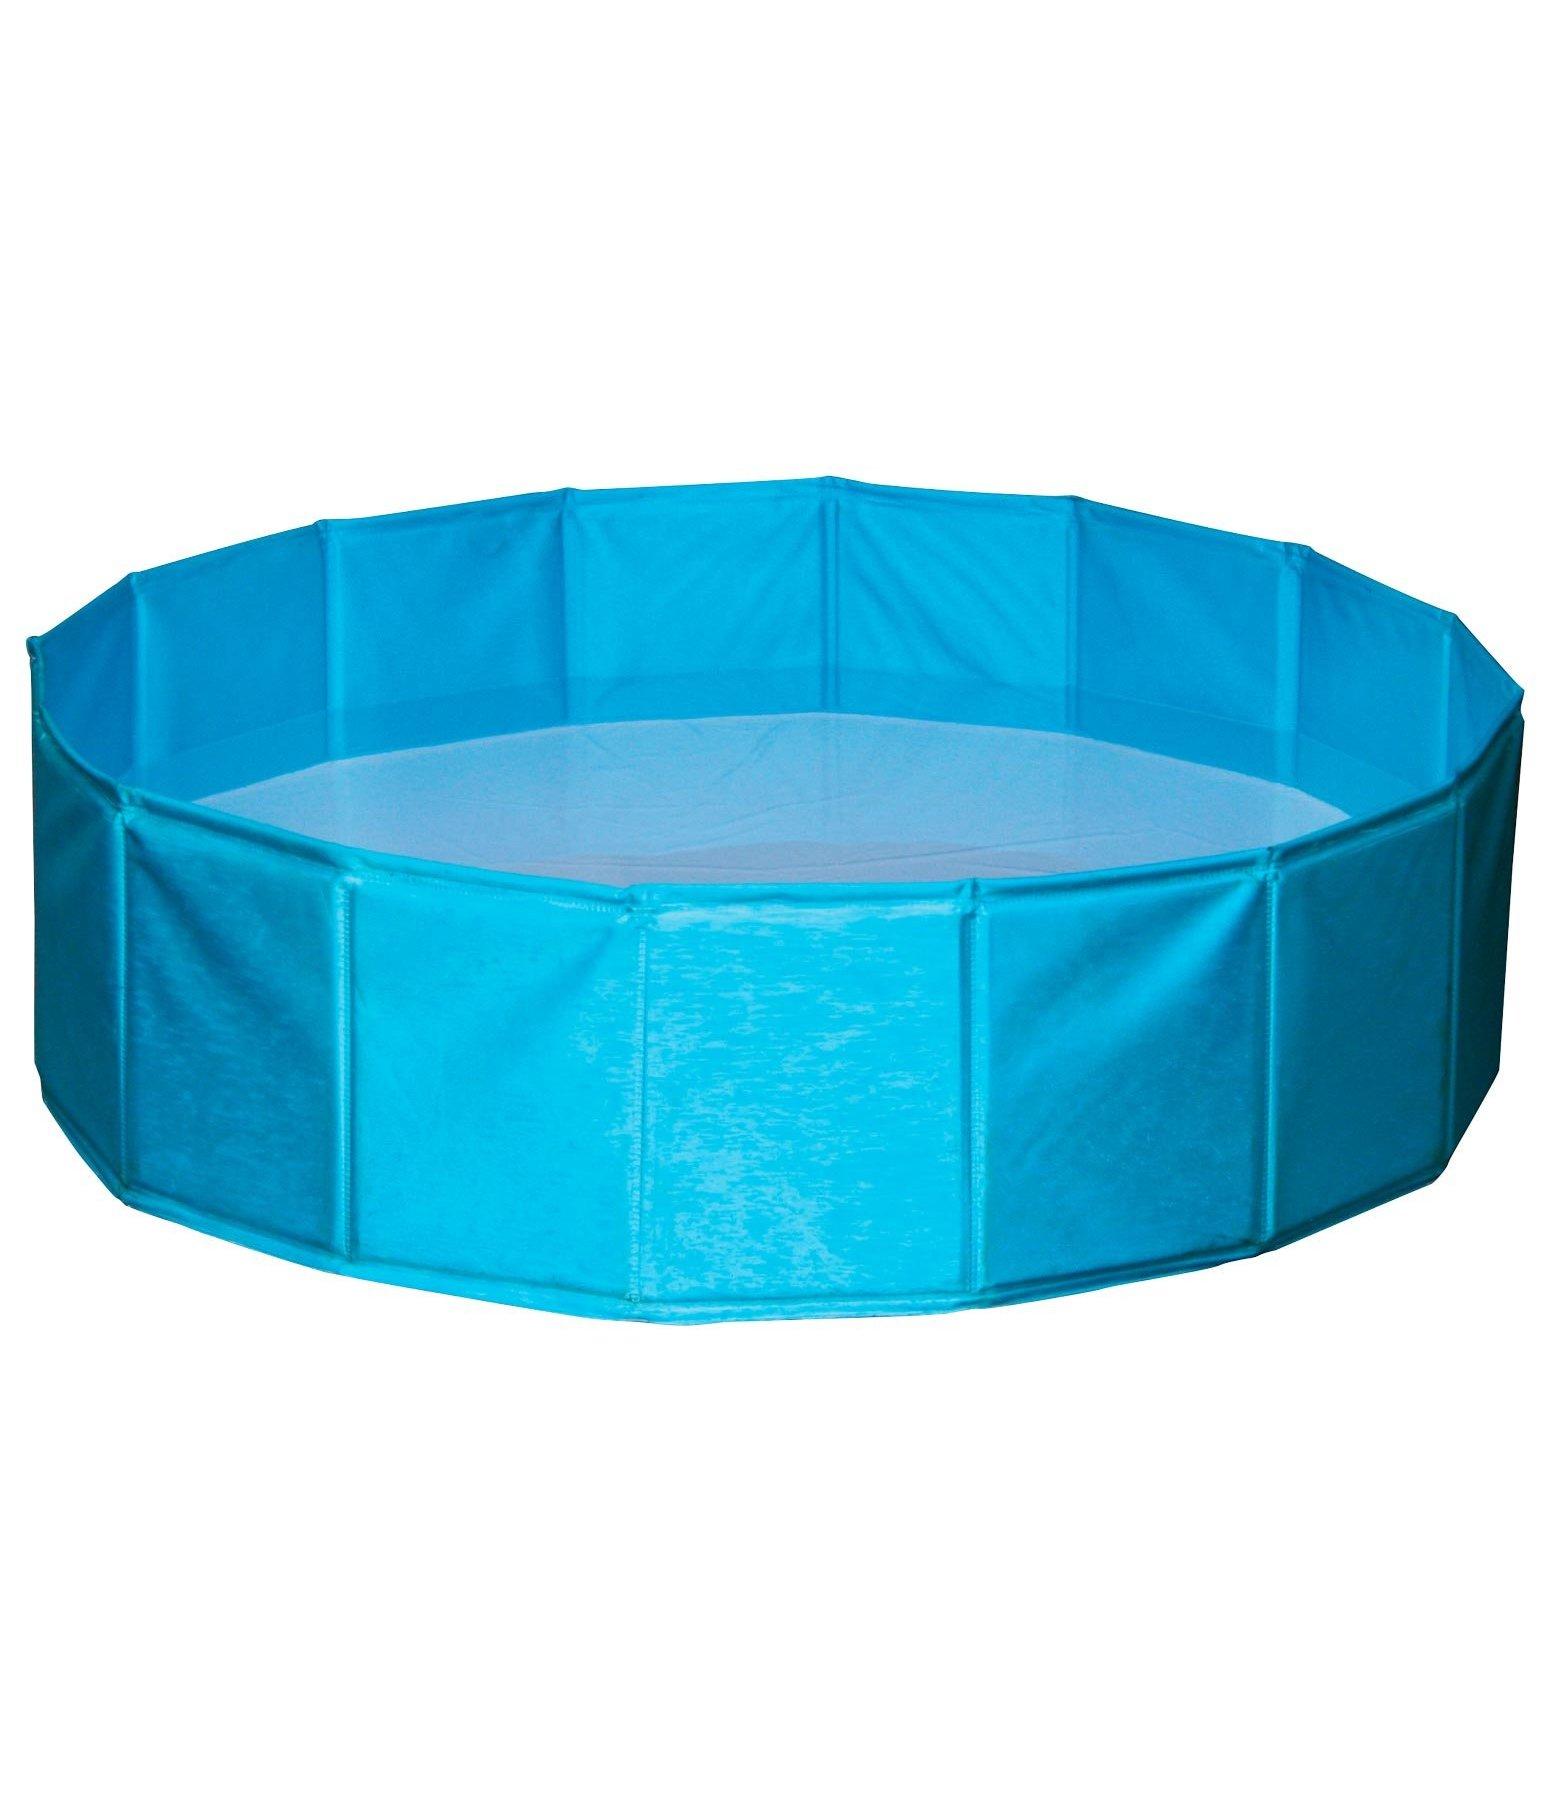 Beau piscine a balle pour chien piscine for Piscine a balle jouet club